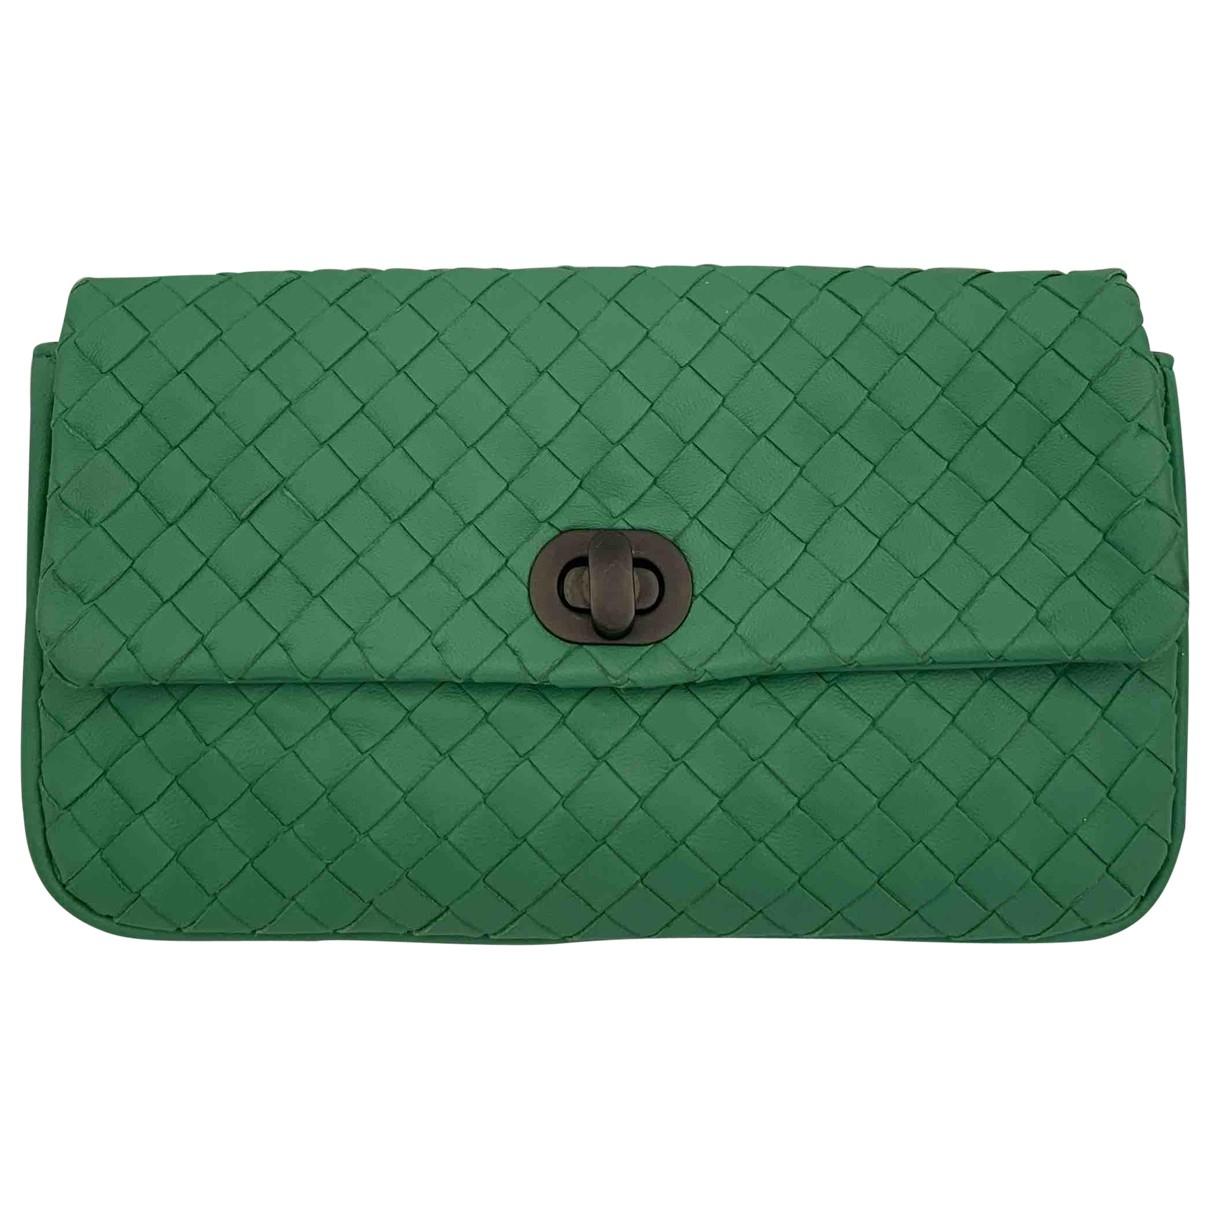 Bottega Veneta \N Green Leather Clutch bag for Women \N